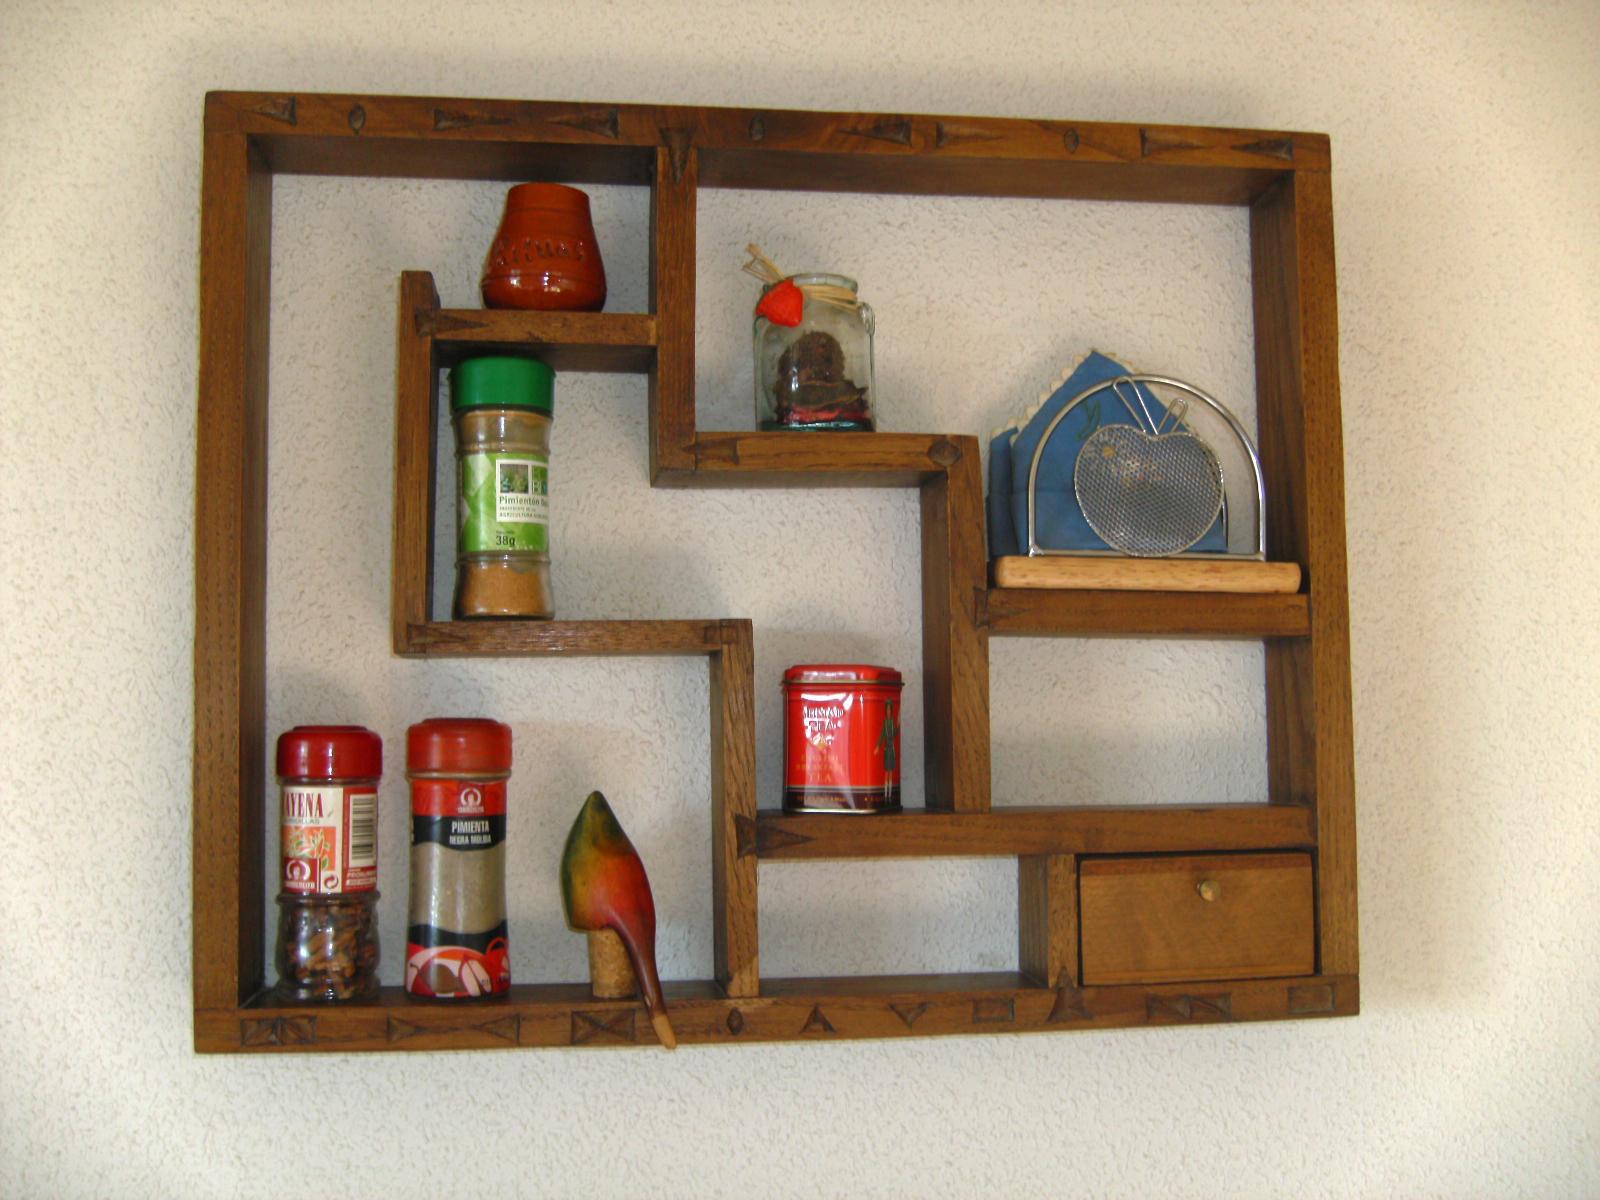 Estanter as especieros y otros utensilios de cocina - Estanterias para la cocina ...